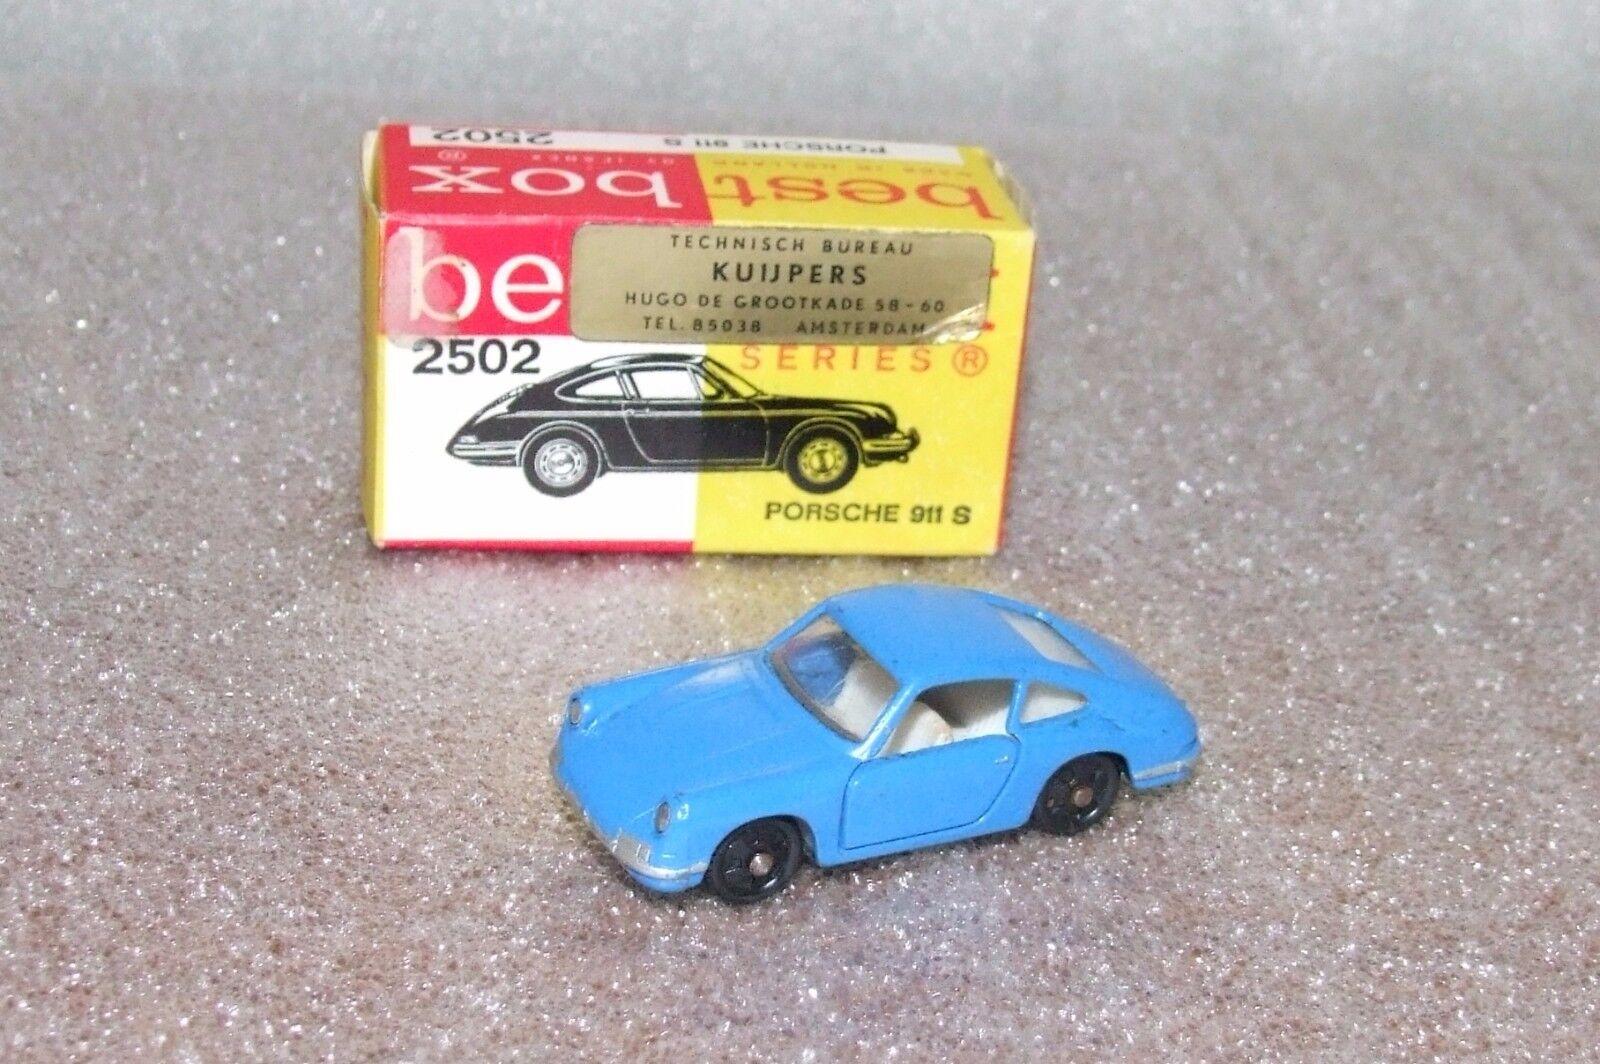 Beste box 2502 porsche 911 s